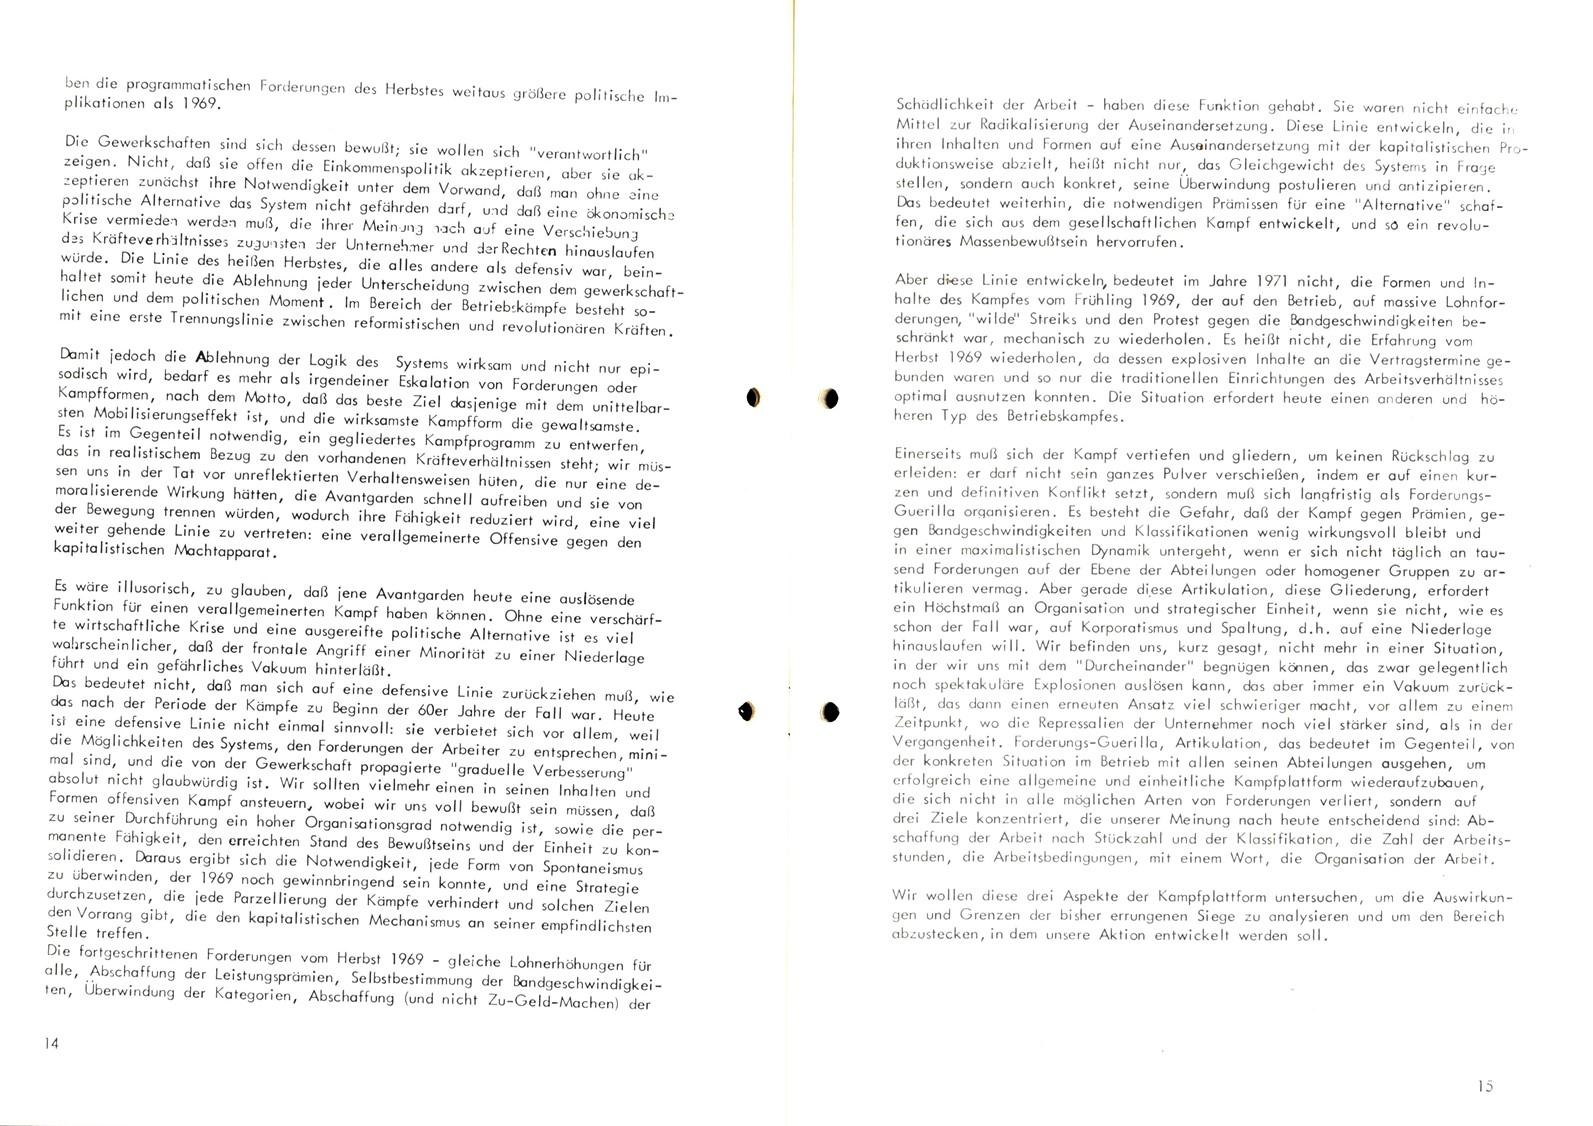 Manifesto_1971_Einheit_der_Klassenlinken_08